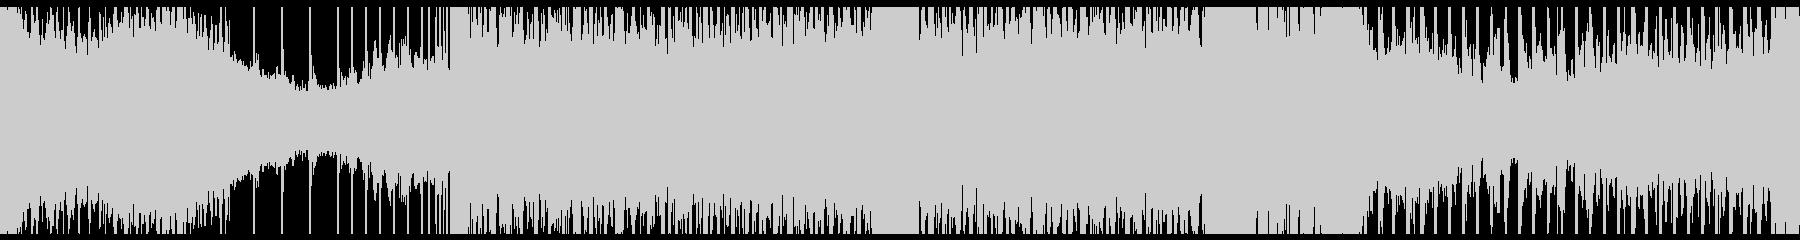 シンセベルによるループ音楽の未再生の波形